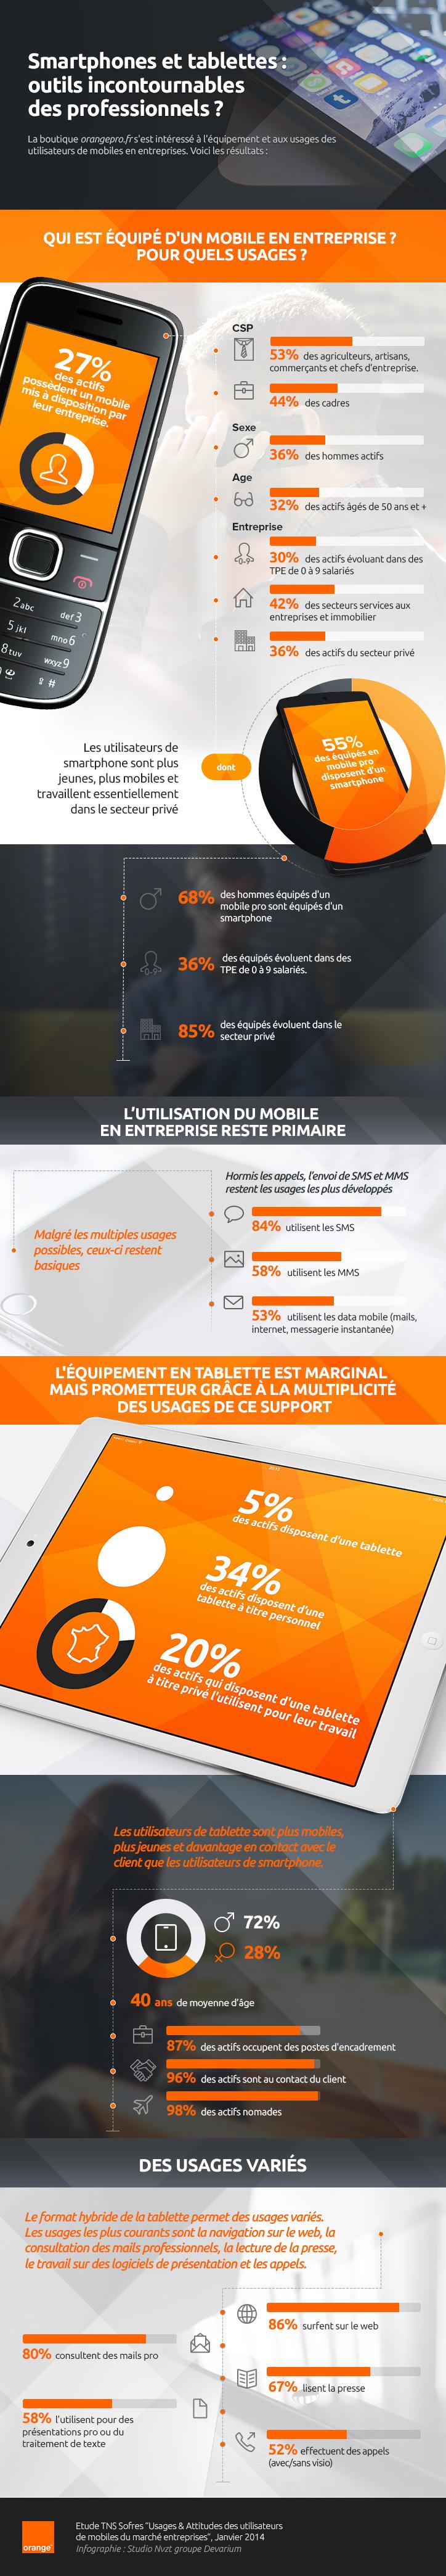 Orange Pro - Infographie équipement mobile pro